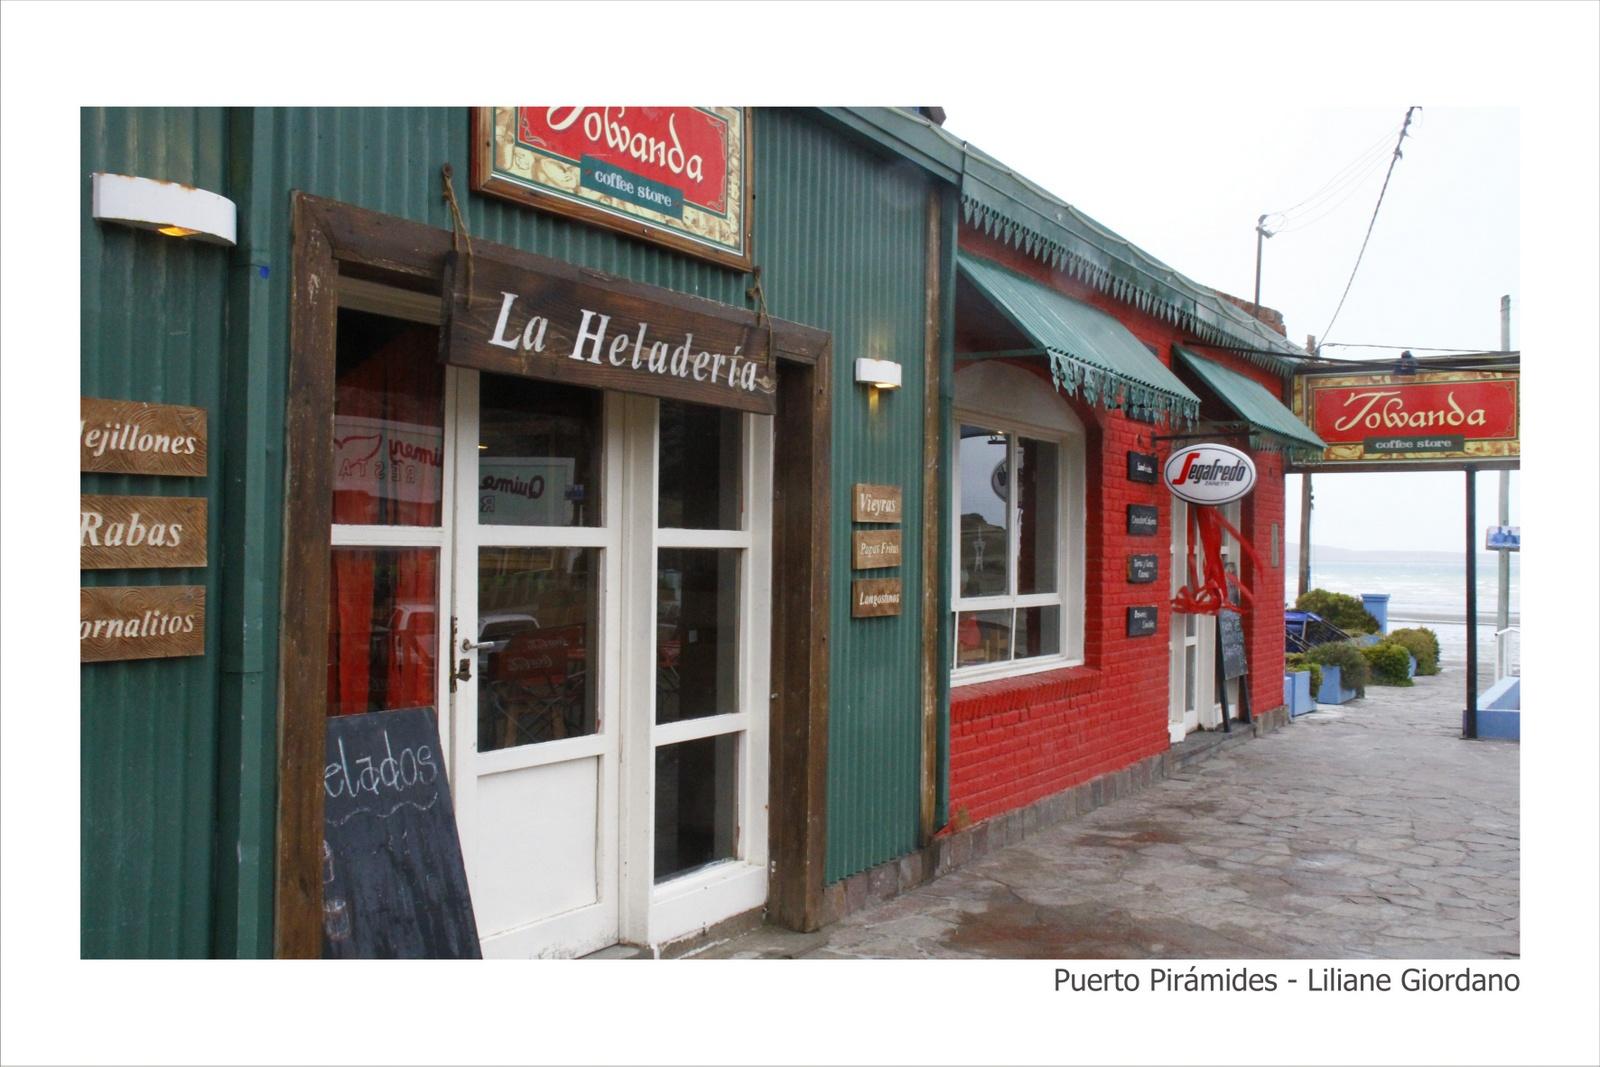 Puerto_Pirámides_-_Liliane_Giordano_-_20-30